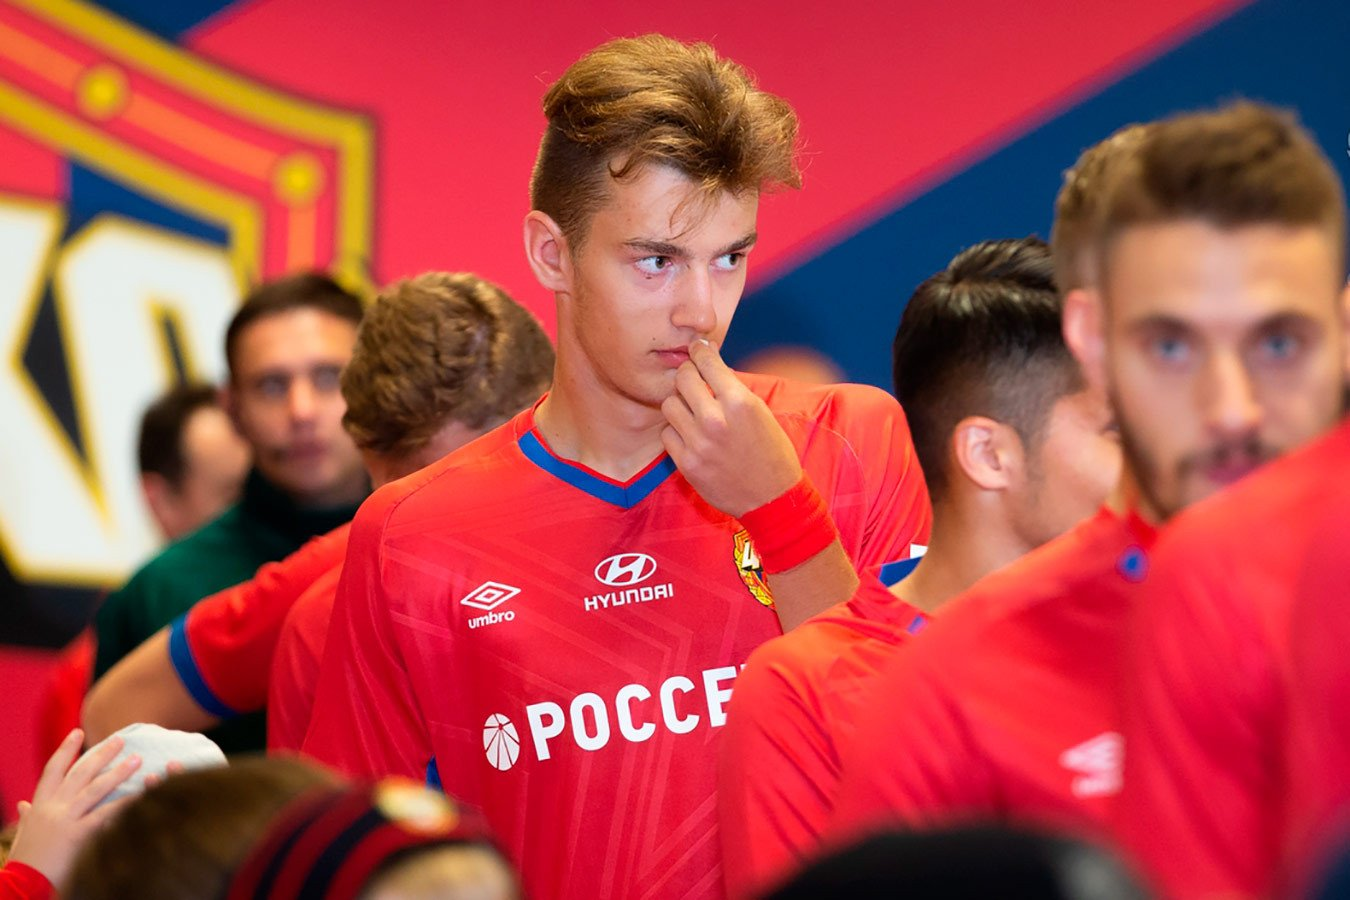 Вратарь ЦСКА Тодуа рассказала, как защитник Карпов напился на банкете женской команды